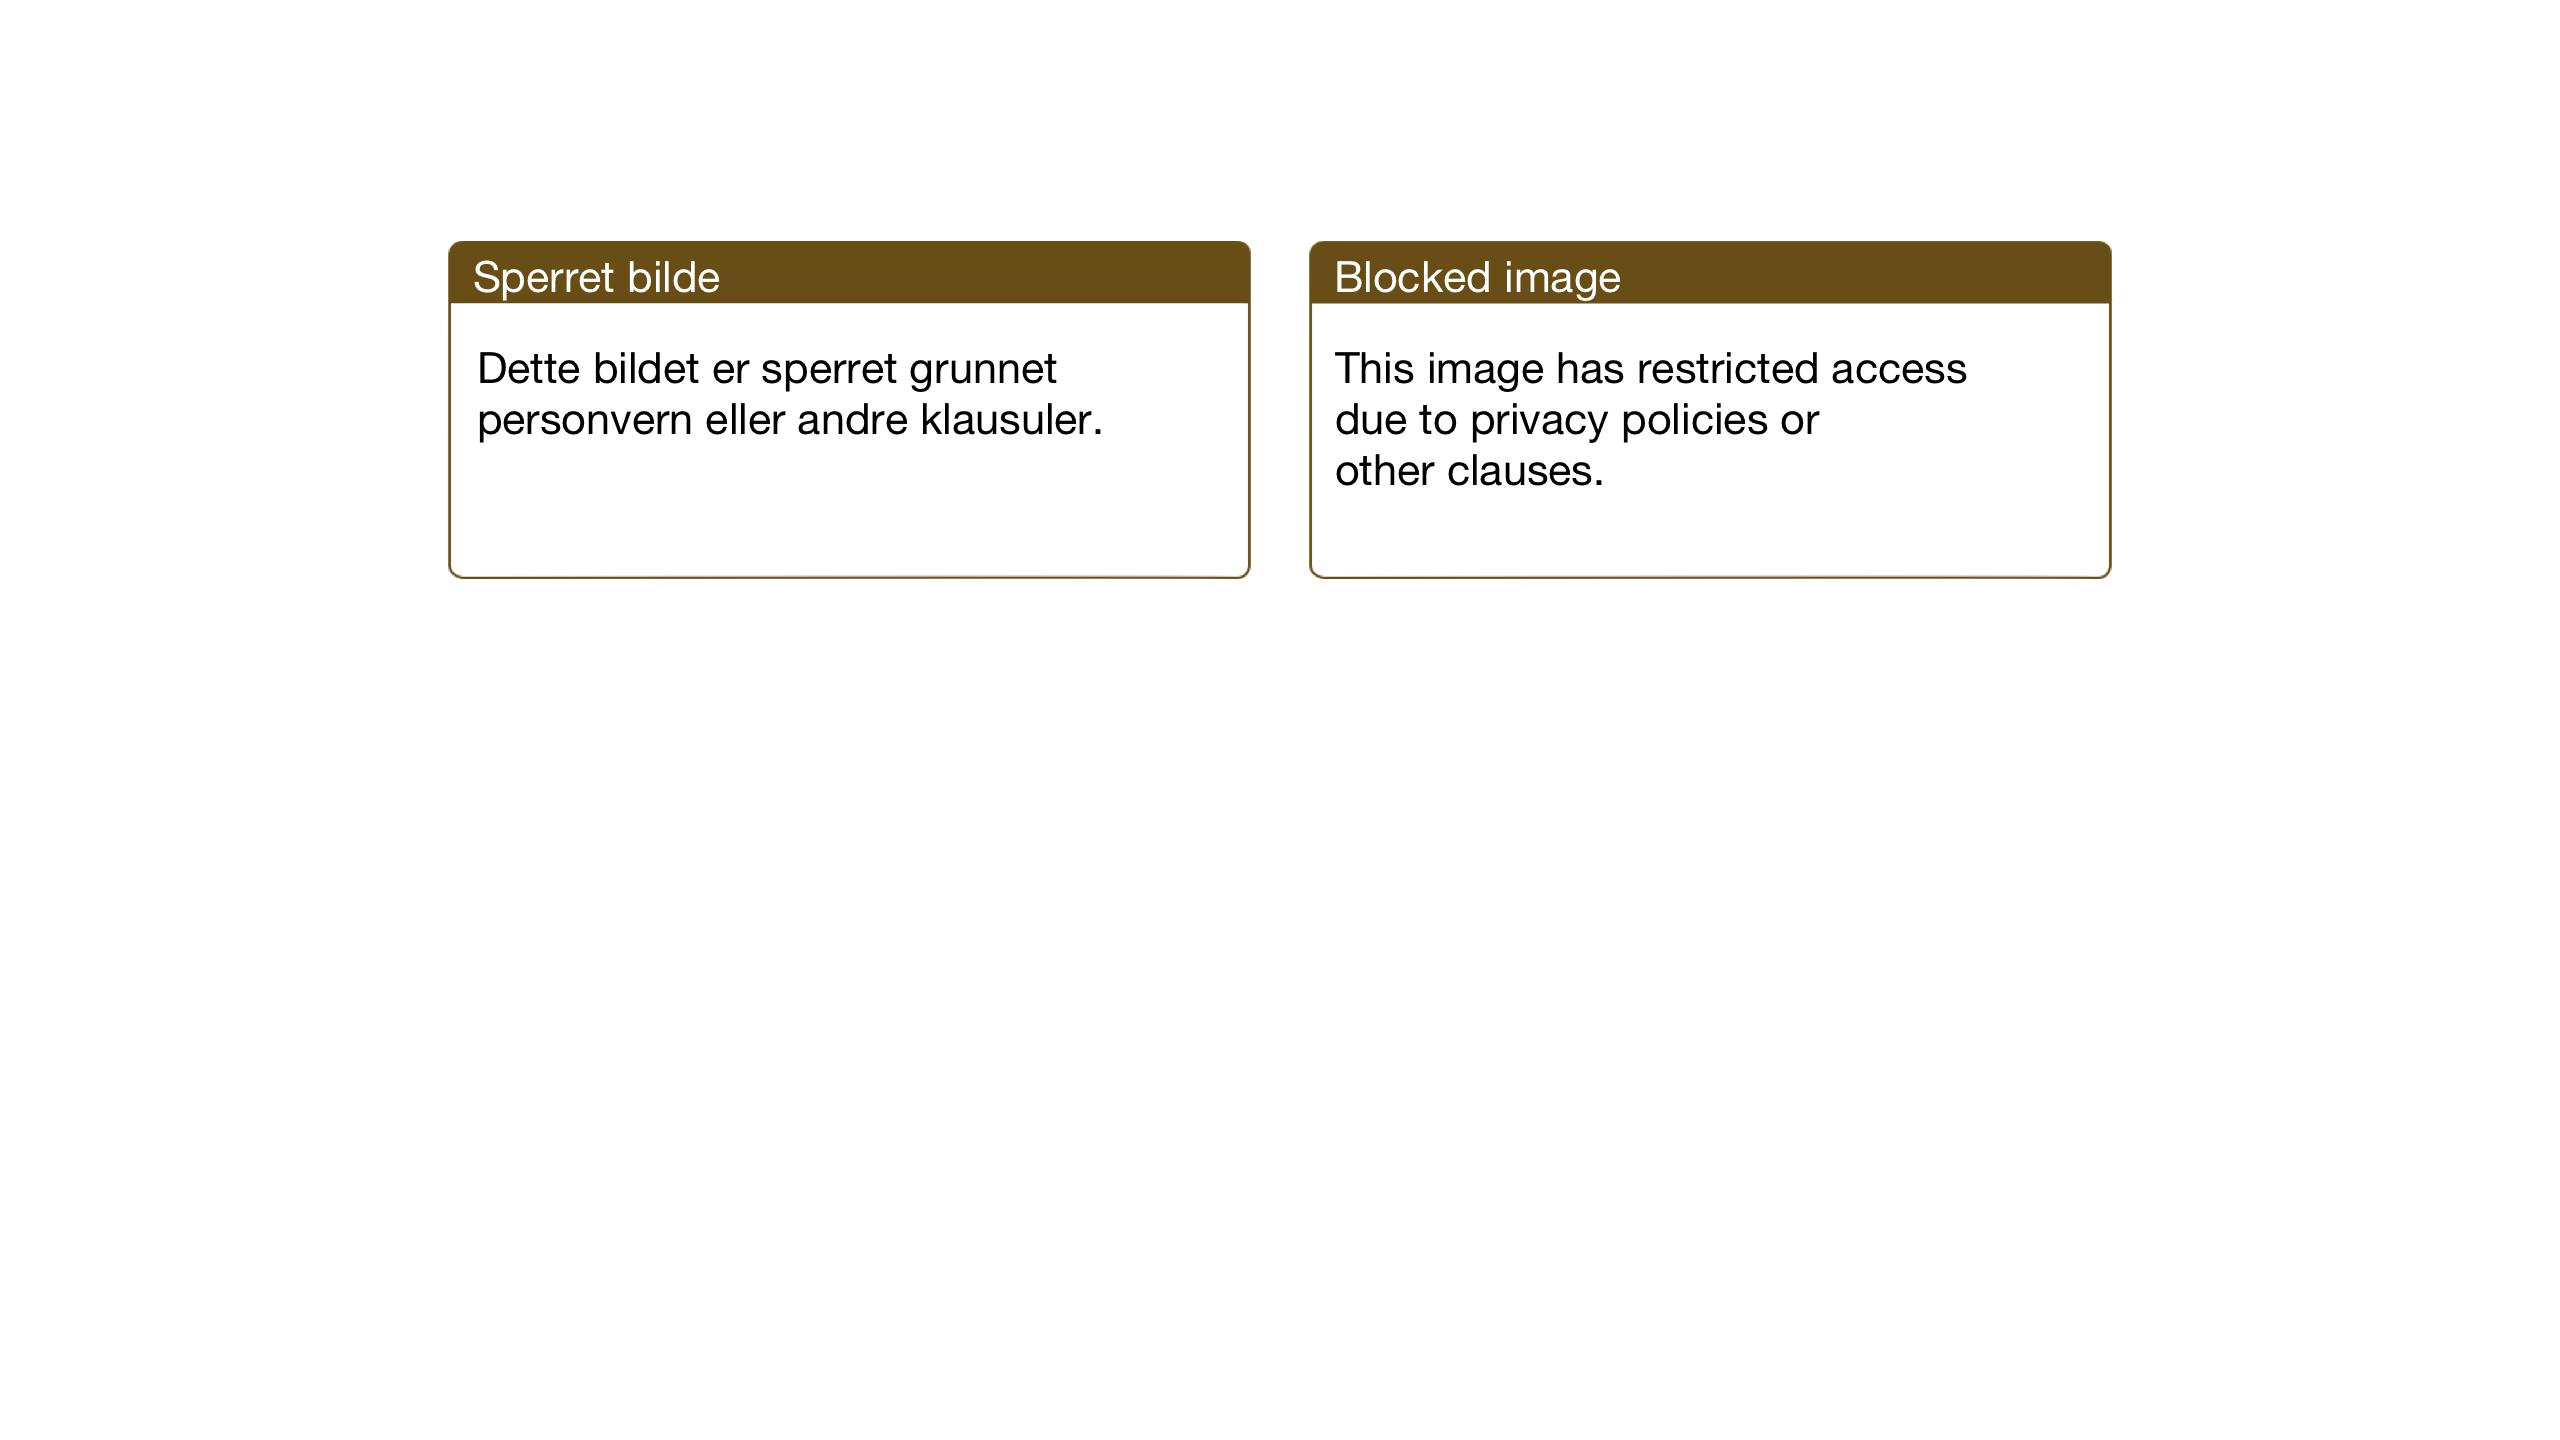 SAT, Ministerialprotokoller, klokkerbøker og fødselsregistre - Nord-Trøndelag, 730/L0304: Klokkerbok nr. 730C07, 1934-1945, s. 34